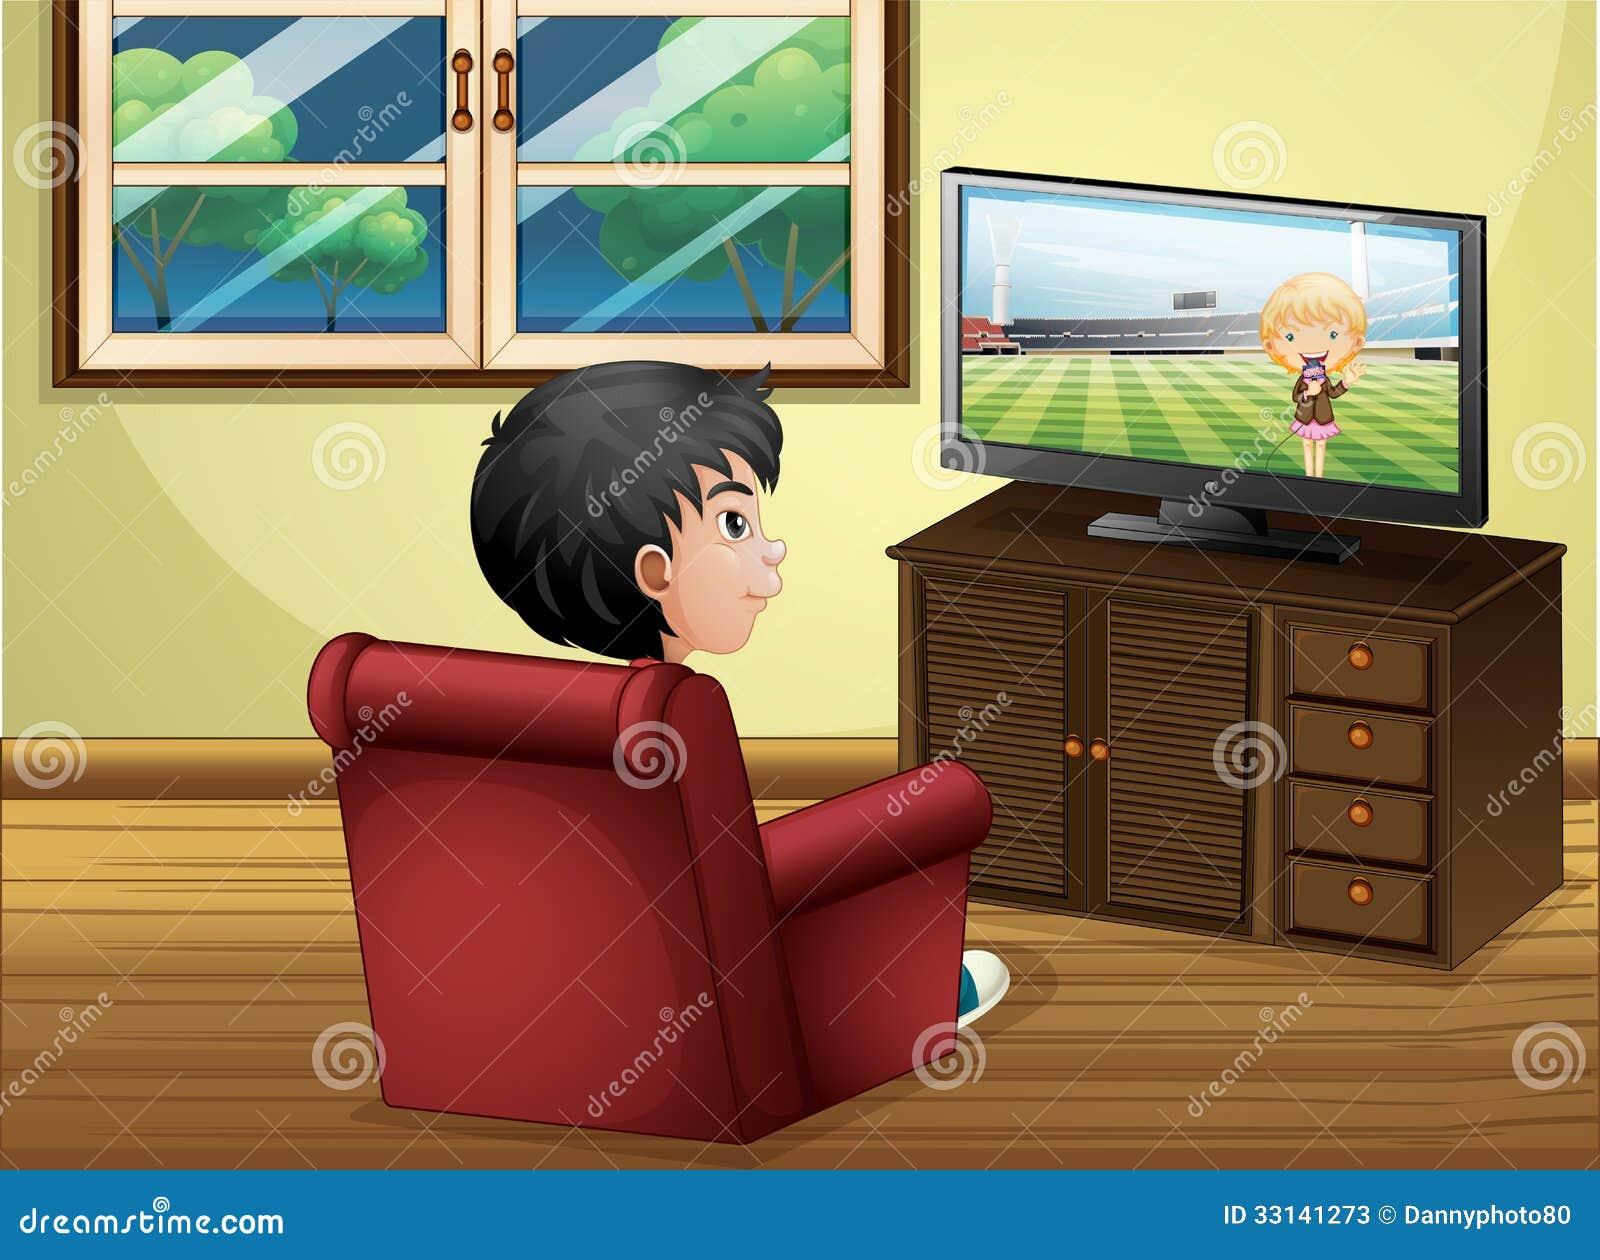 看电视的一个年轻男孩在客厅